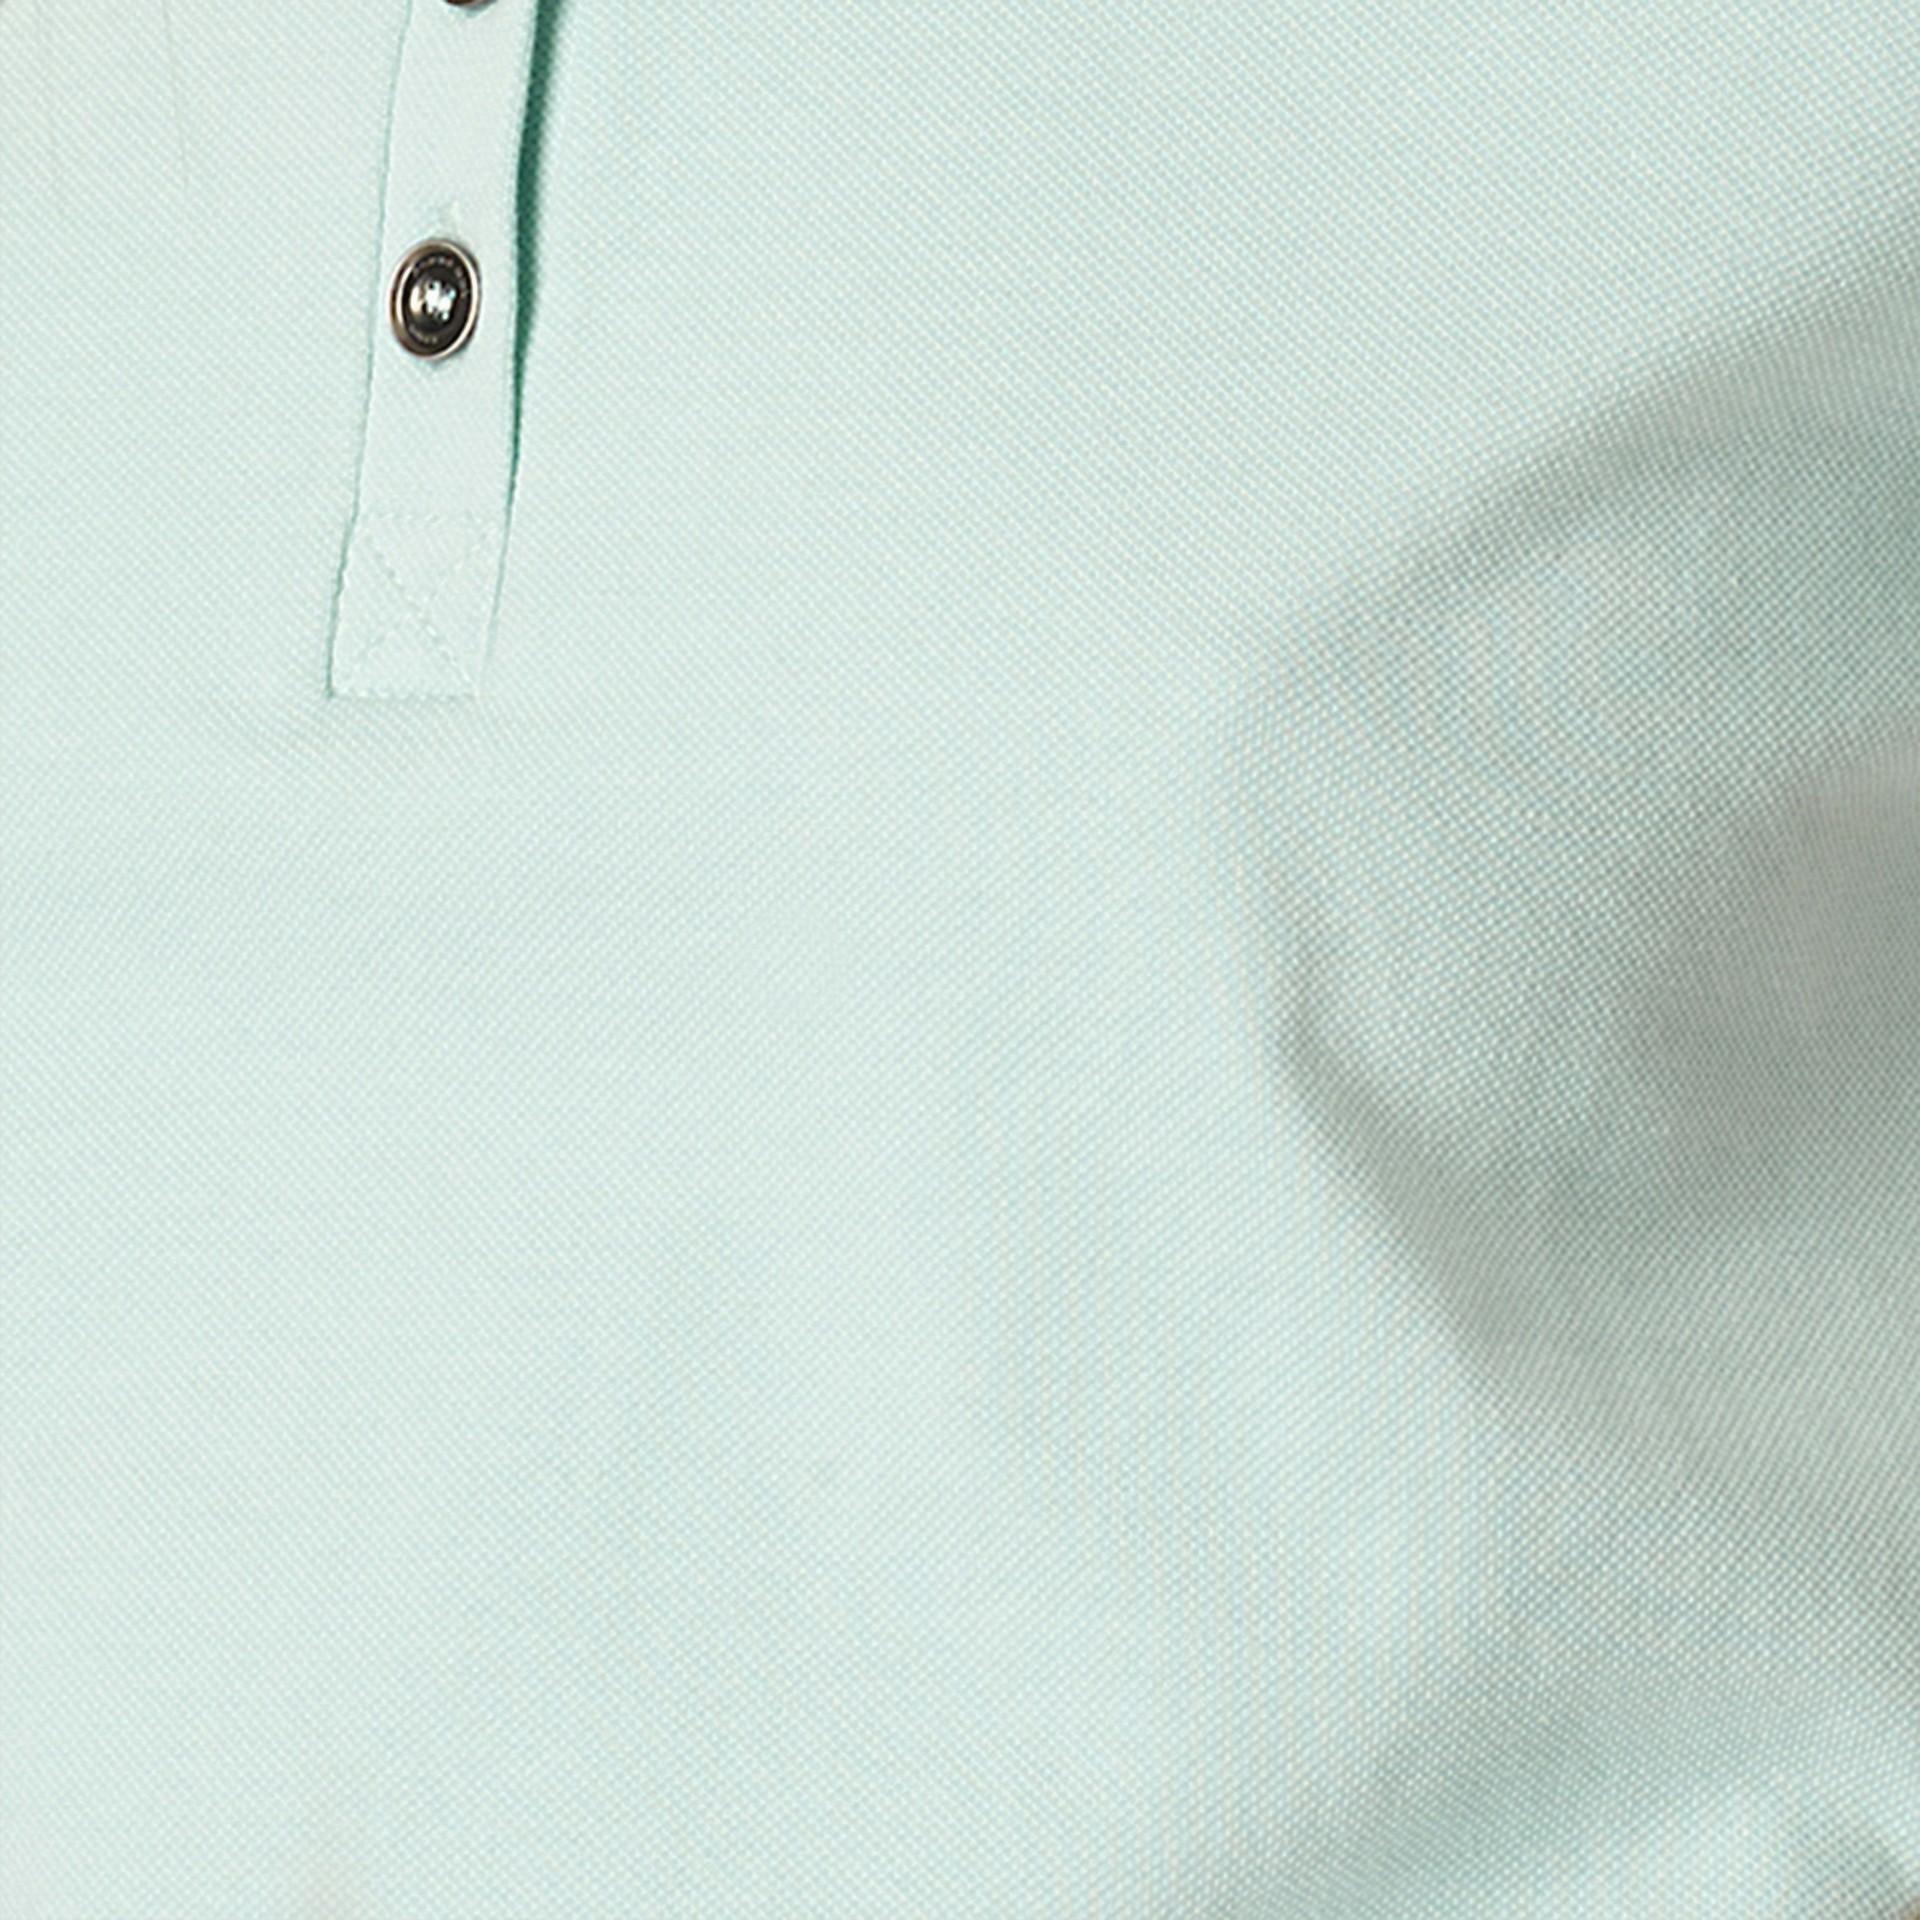 Vert opale clair Polo en piqué de coton extensible avec éléments check Vert Opale Clair - photo de la galerie 2